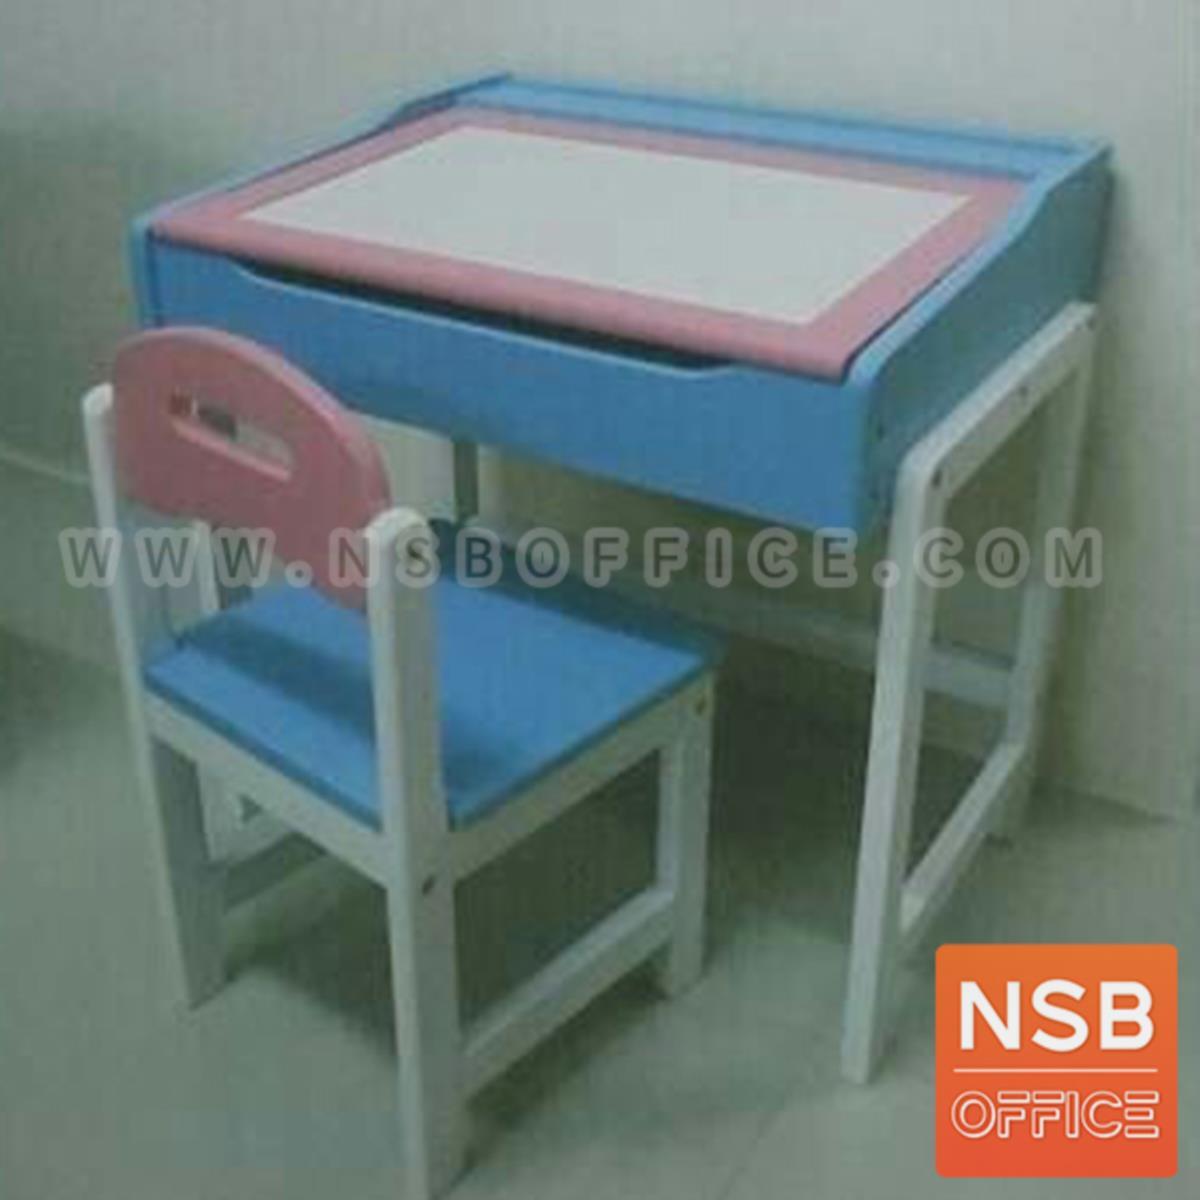 ชุดโต๊ะและเก้าอี้นักเรียนไม้ยางพารา รุ่น Conner (คอนเนอร์)  มีที่เก็บของใต้โต๊ะ สีแฟนซี